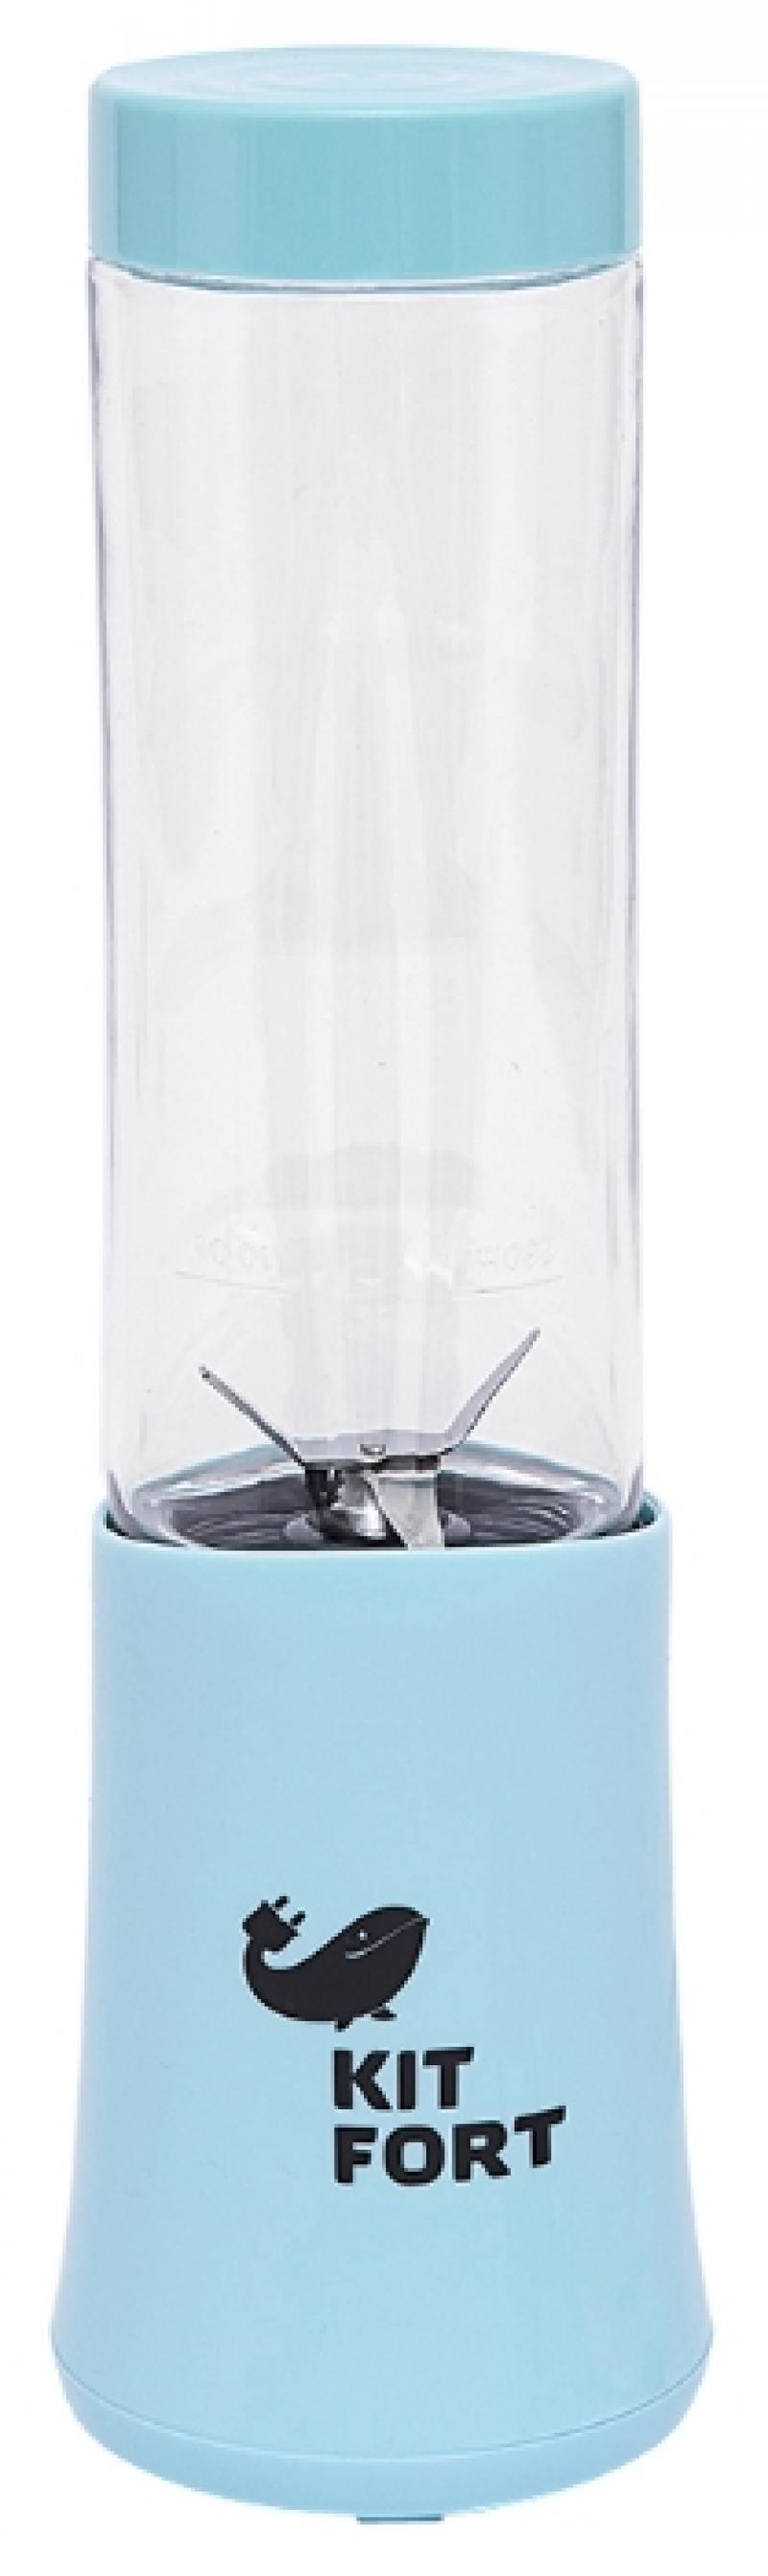 Блендер стационарный Kitfort КТ-1311-2 150Вт голубой все цены